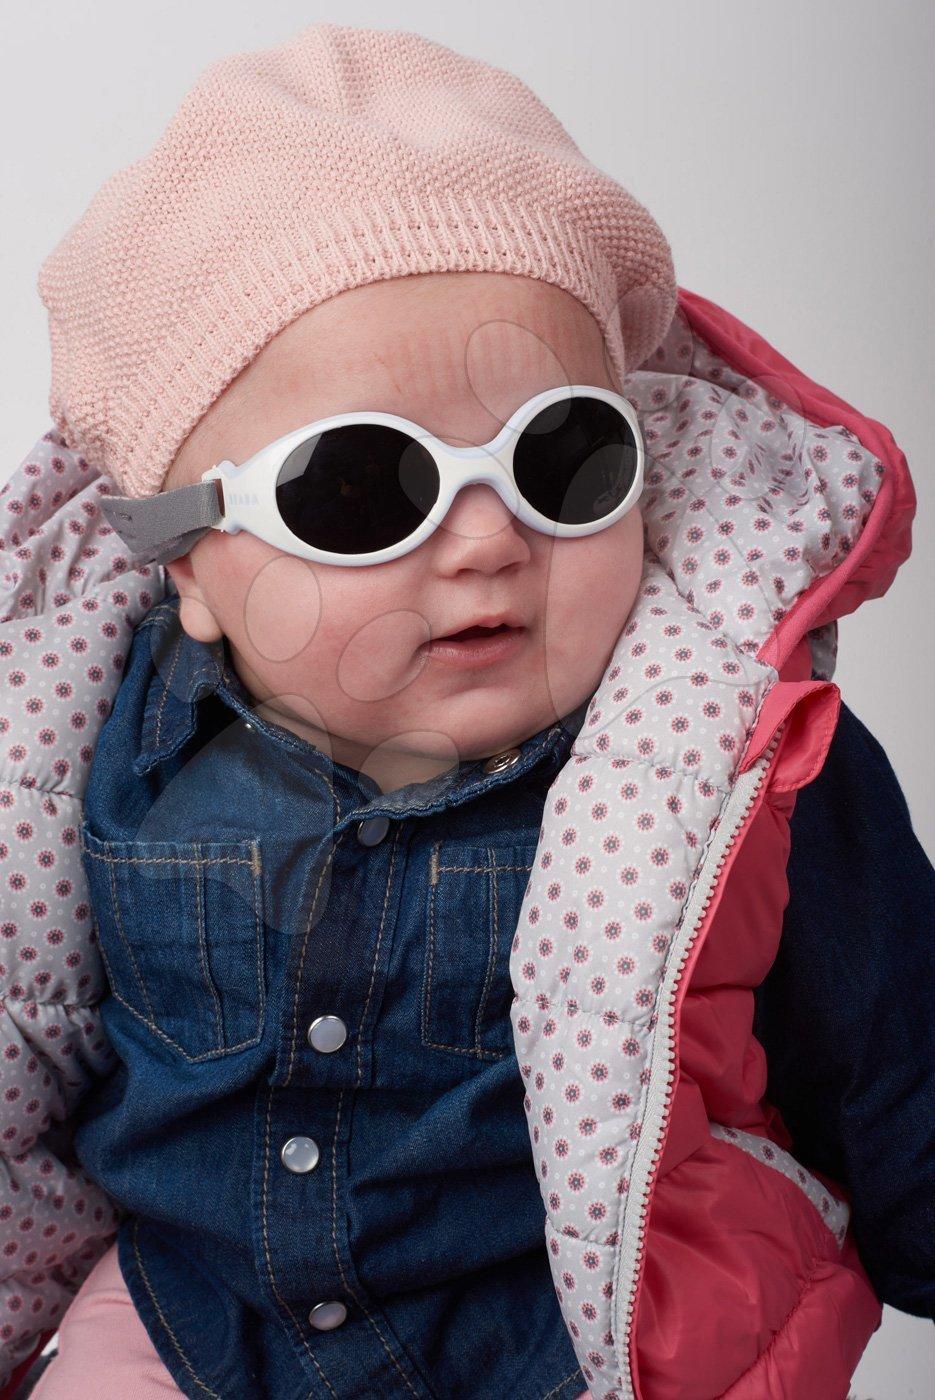 Napszemüveg csecsemőknek Beaba Clip strap XS kék UV4 930257 a852d032c3